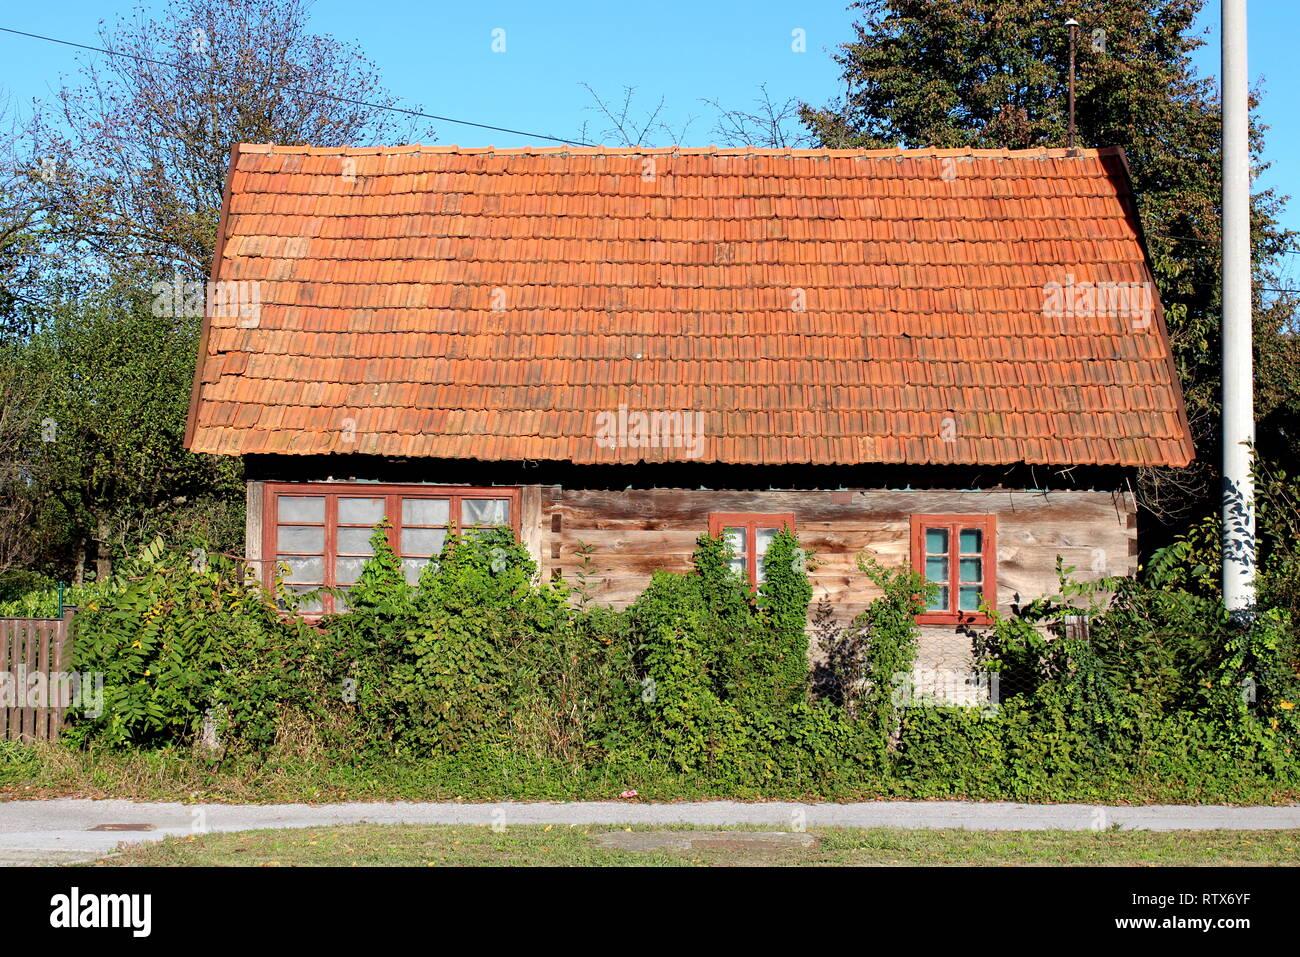 Molto piccolo di legno abbandonato la casa familiare con grandi finestre parzialmente ricoperta da piante cingolato e la fitta vegetazione del giardino Immagini Stock